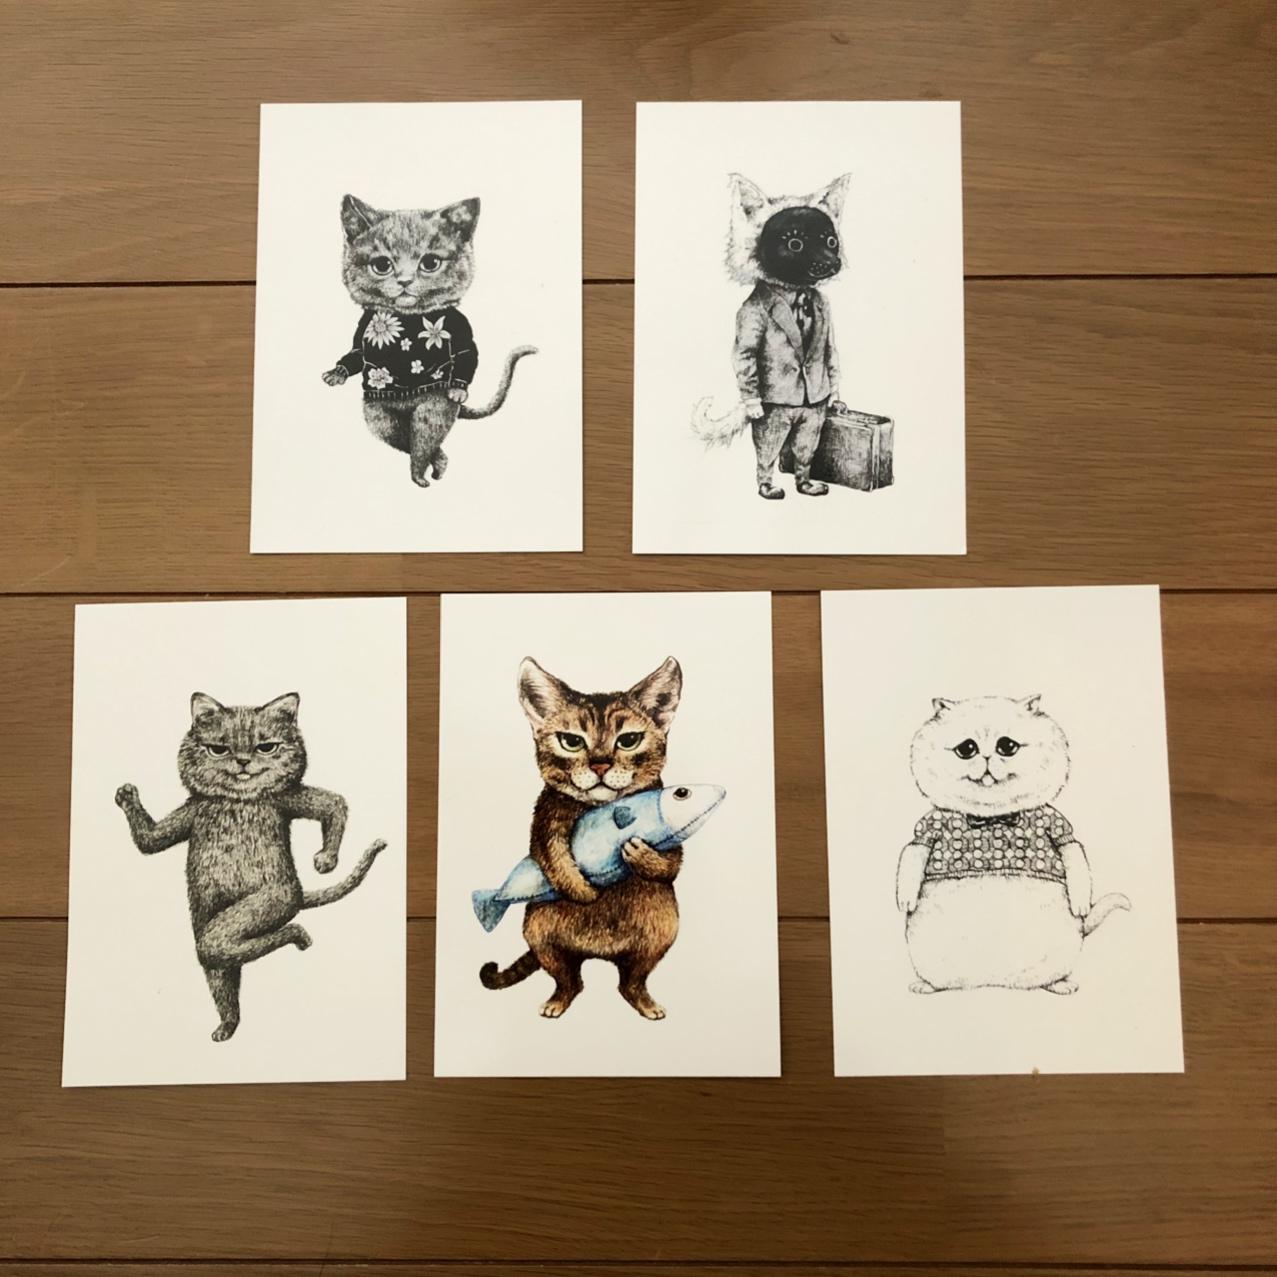 かわいい猫ちゃんのポストカードセットです。会員価格(¥756)